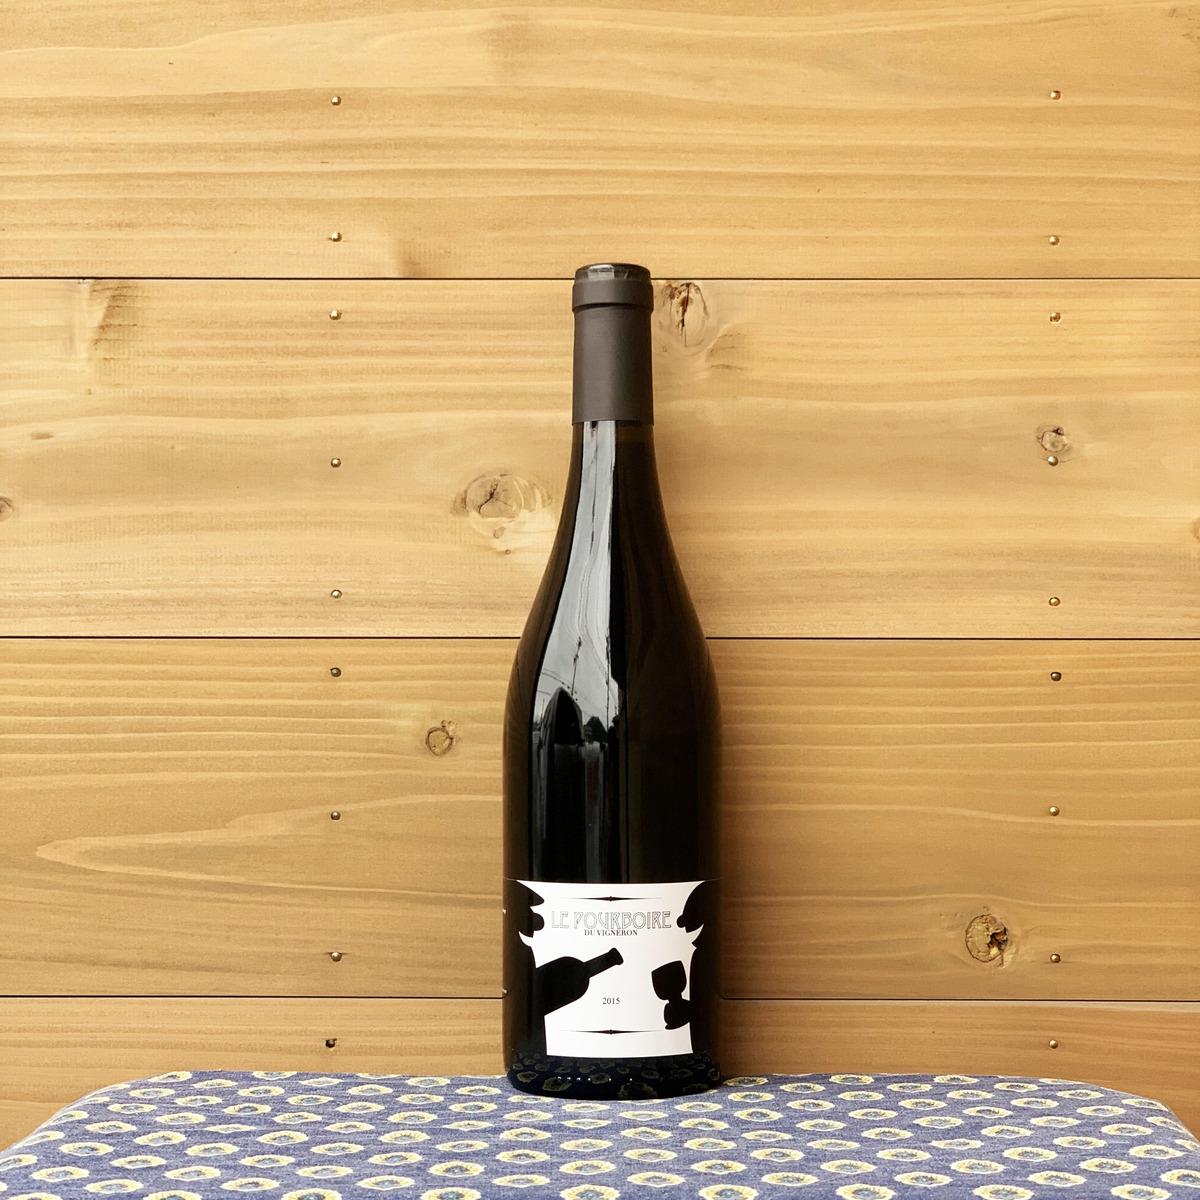 現品 自然豊かな環境で造られる ラベルも個性的なワイン ラングドック地方 フランス ドメーブ 自然派ワイン '15 赤ワイン プールボワール 国内正規総代理店アイテム チュロニス